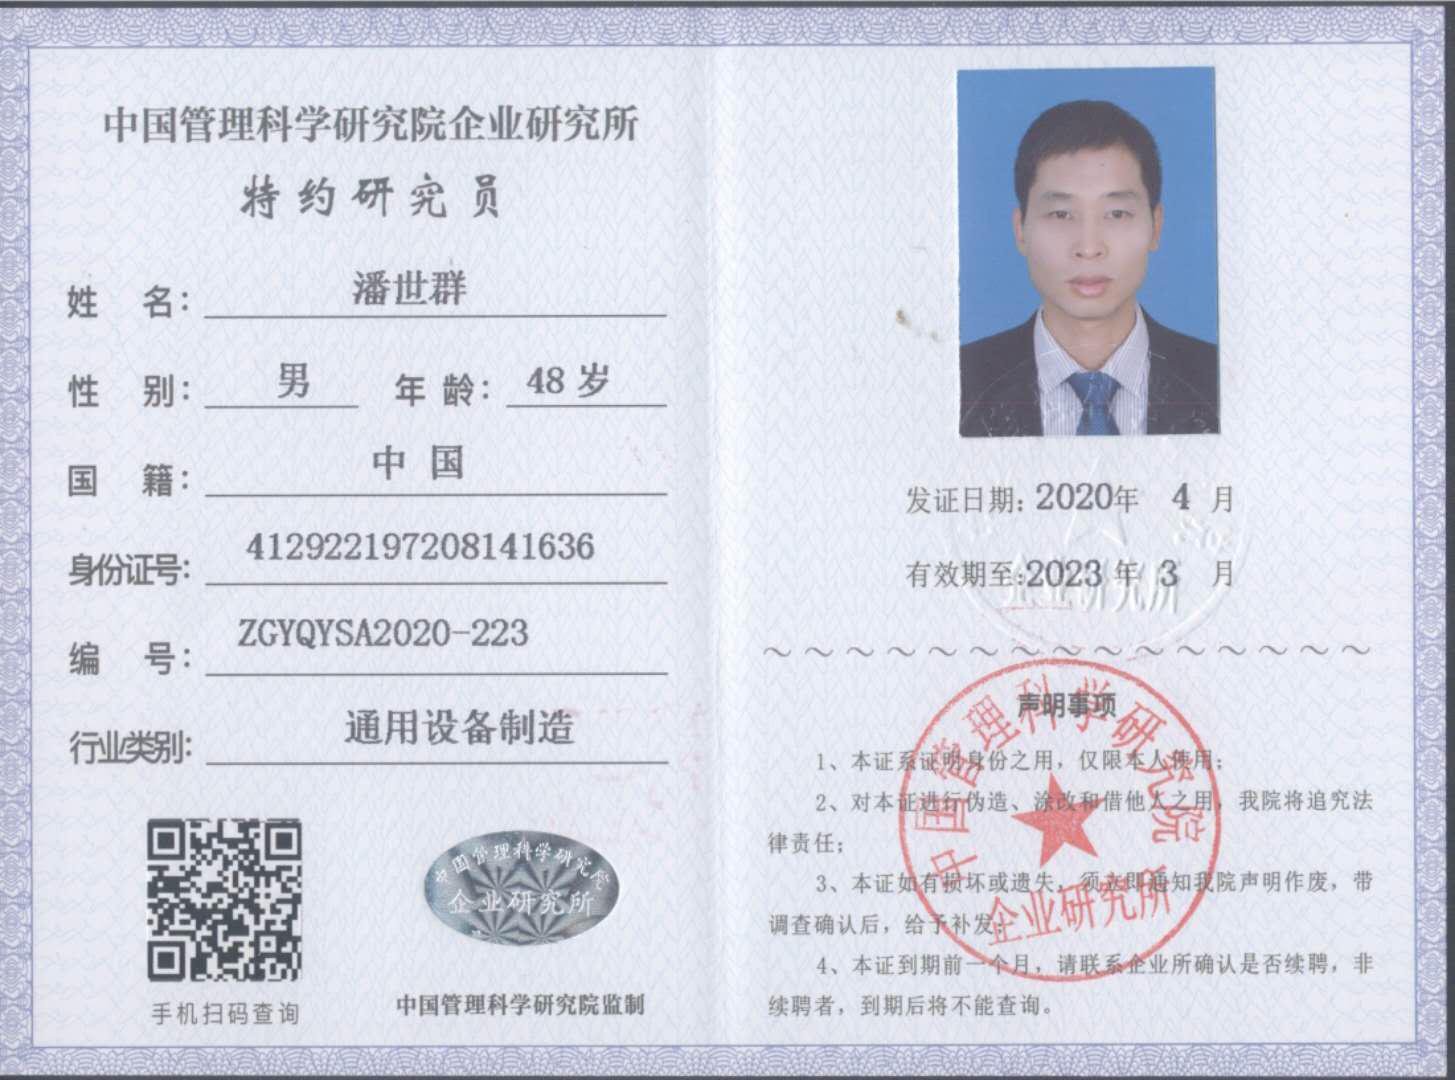 Pan Shiqun, CEO of Zoomlian pump